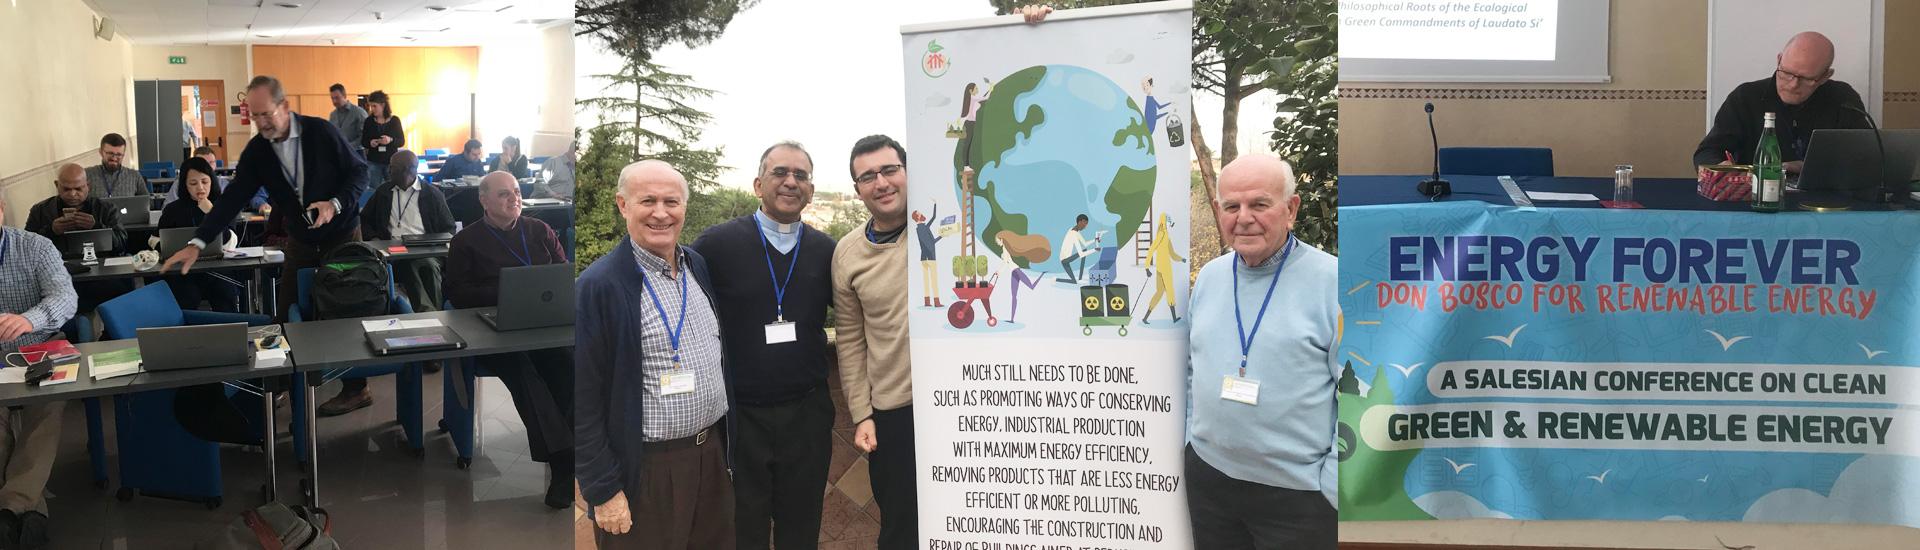 Conferencia de Energía Verde en Roma